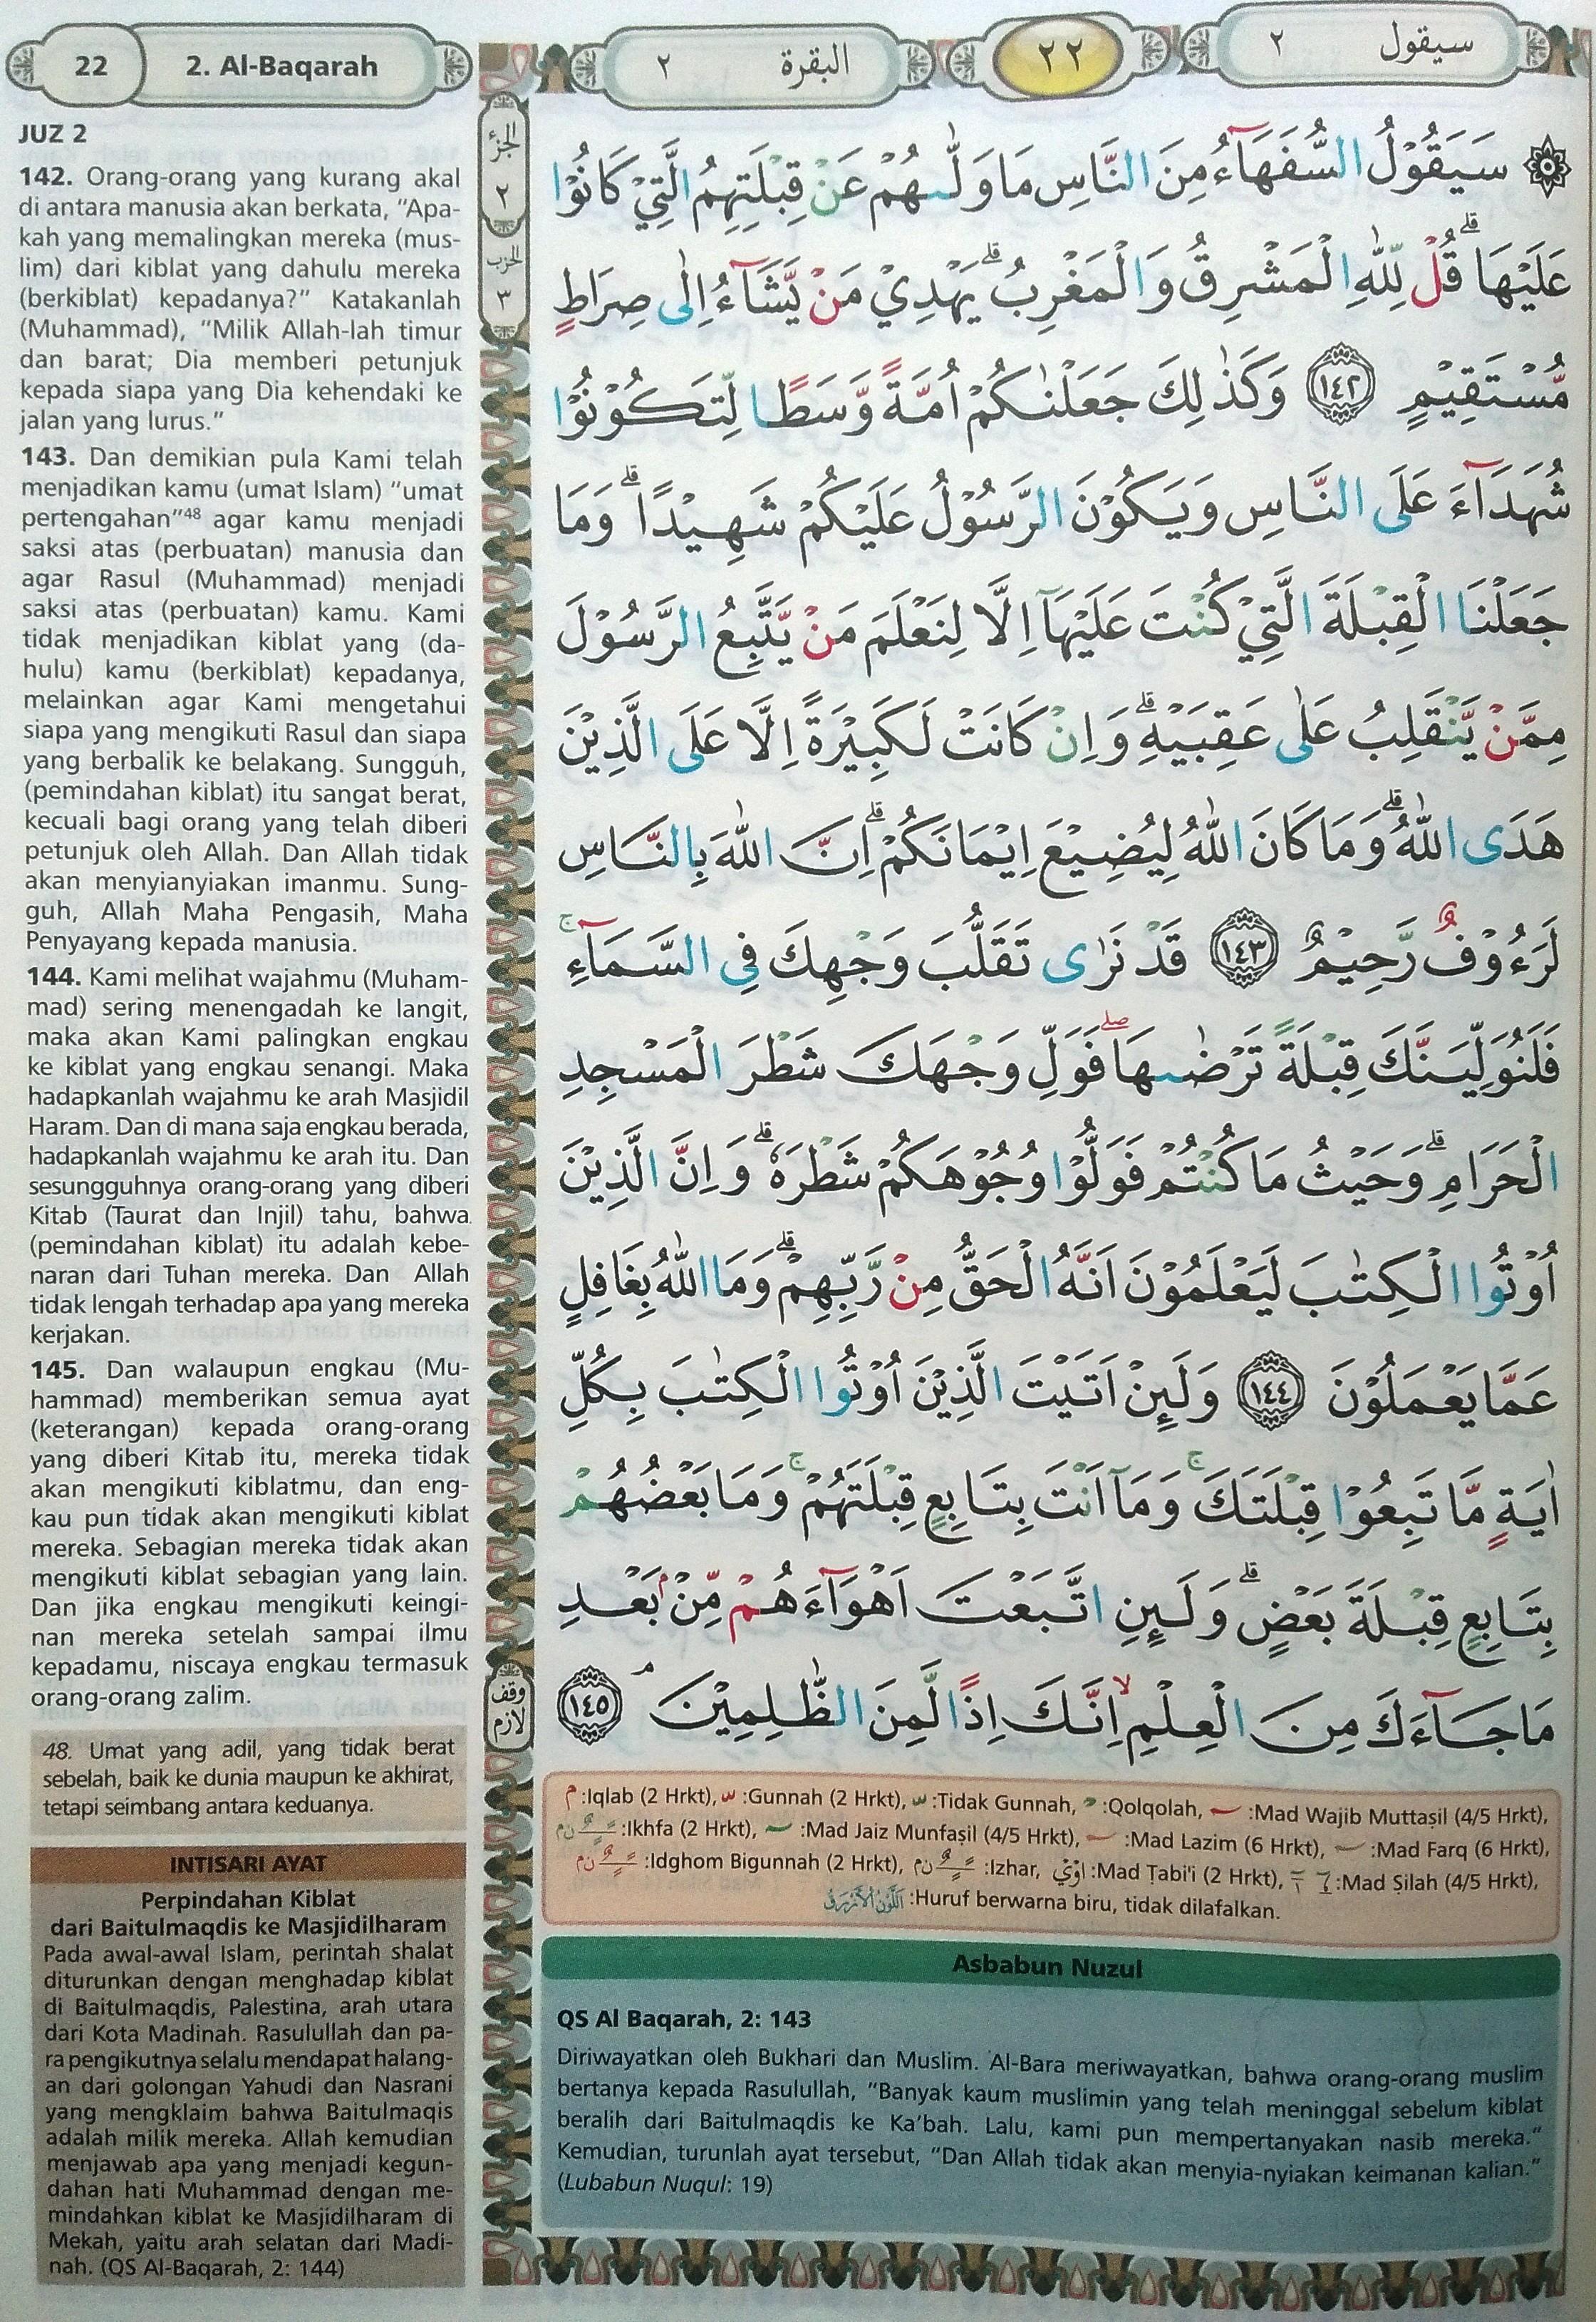 Al Baqarah Ayat 142-145